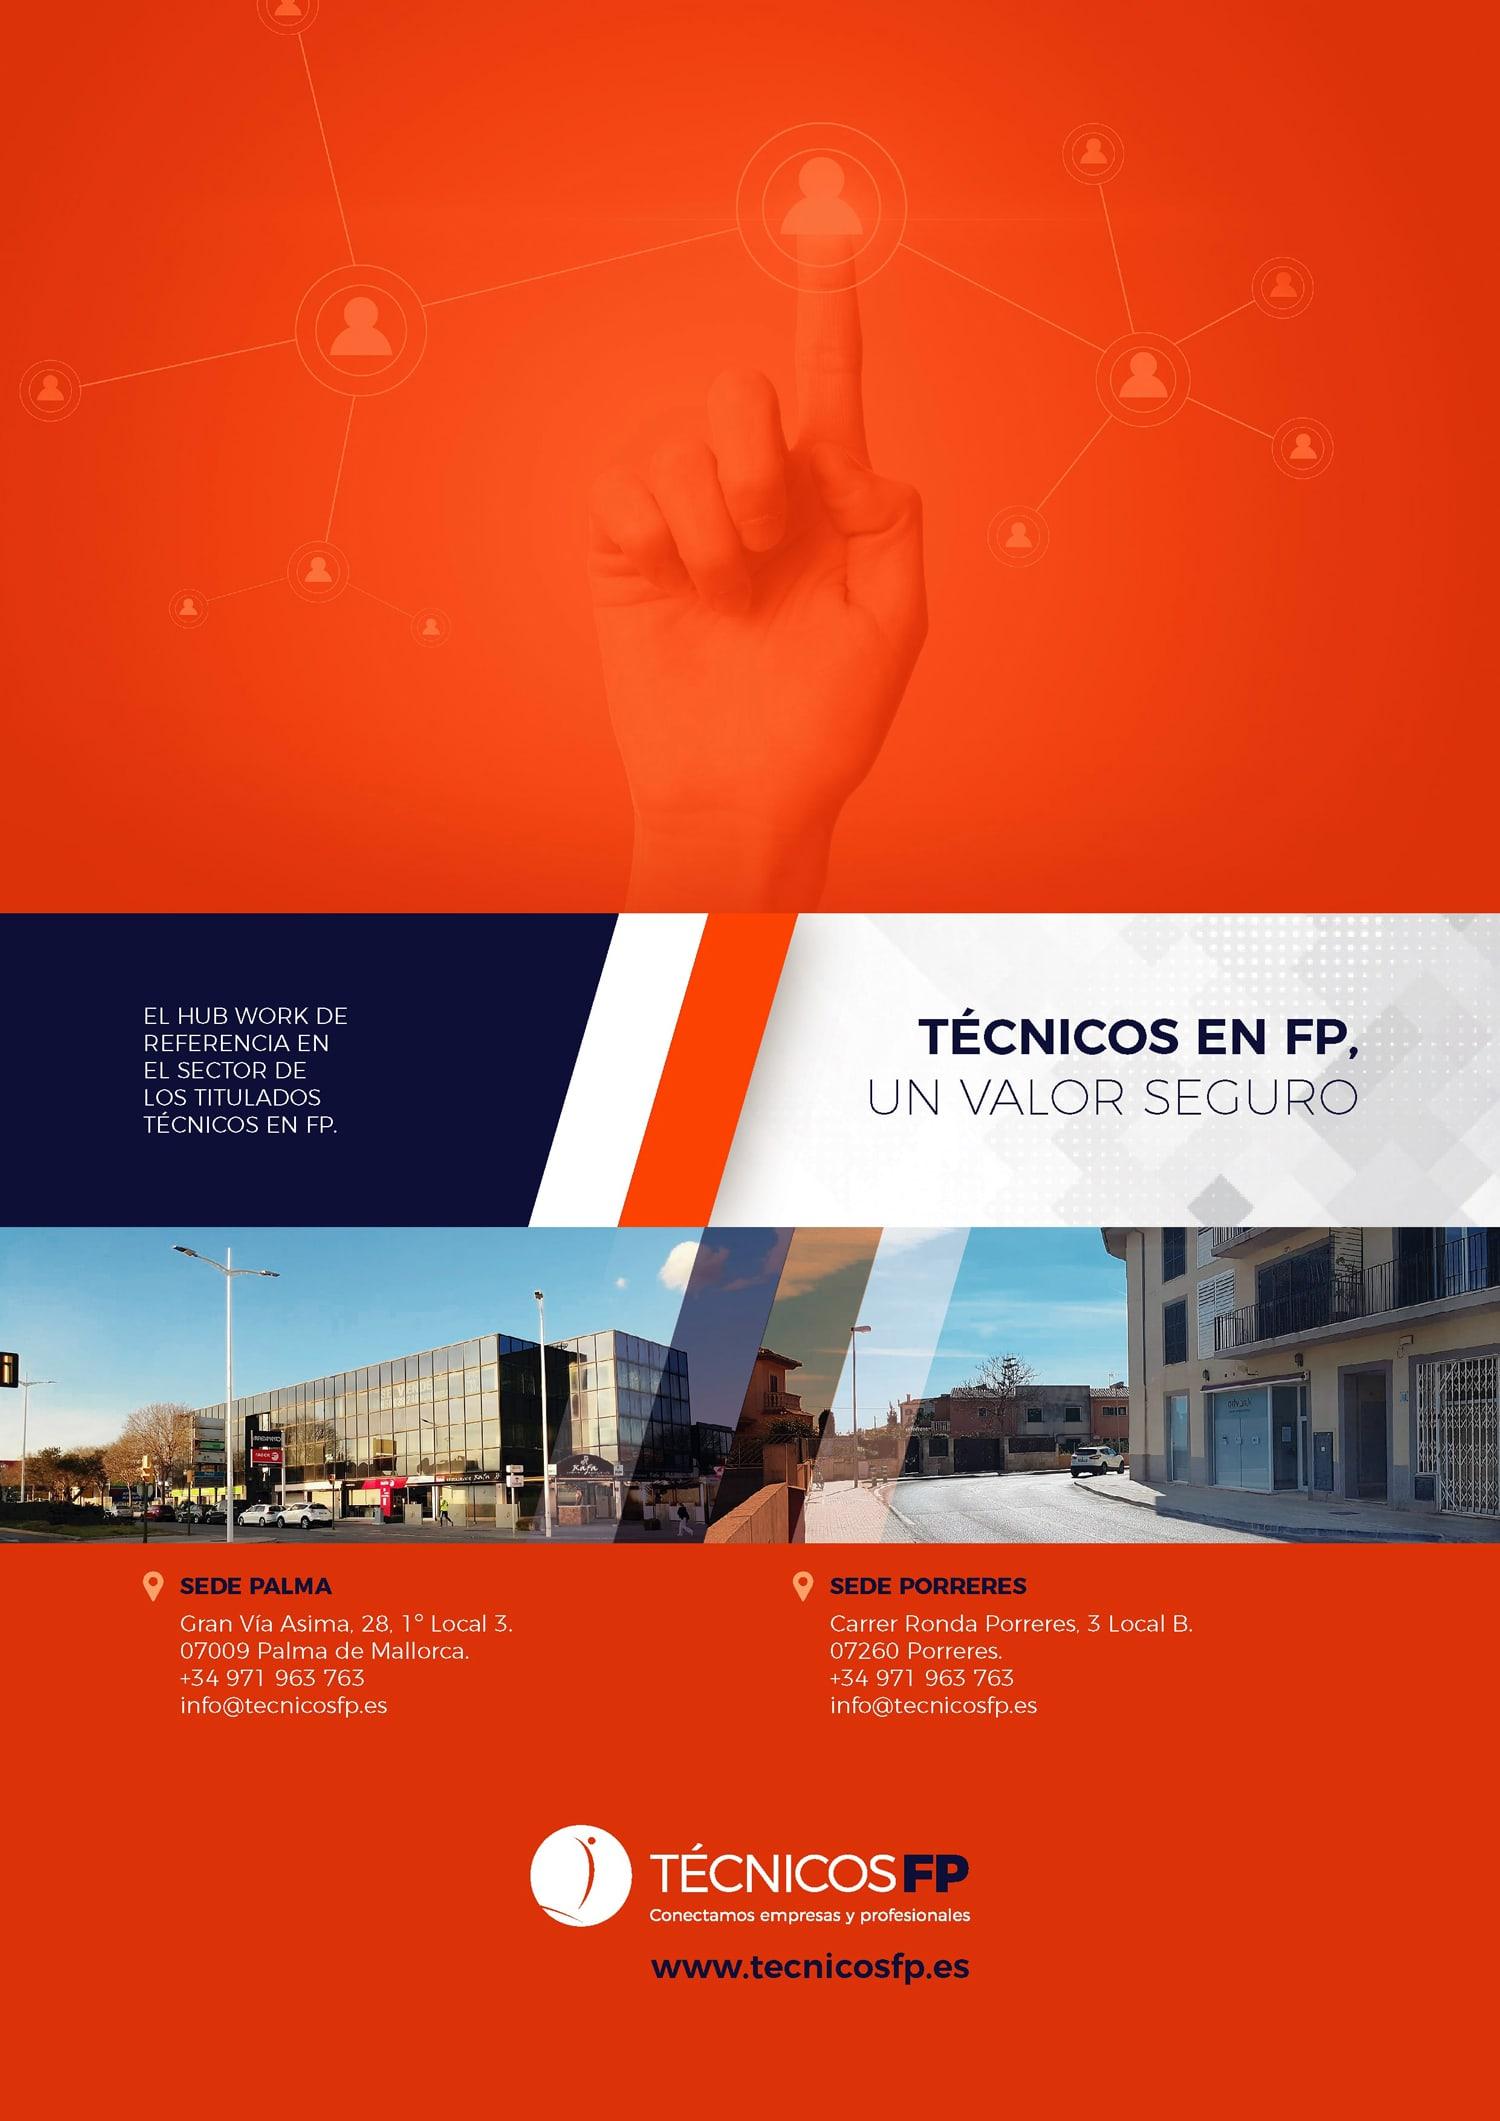 Técnicos FP Emailing de presentación de empresa